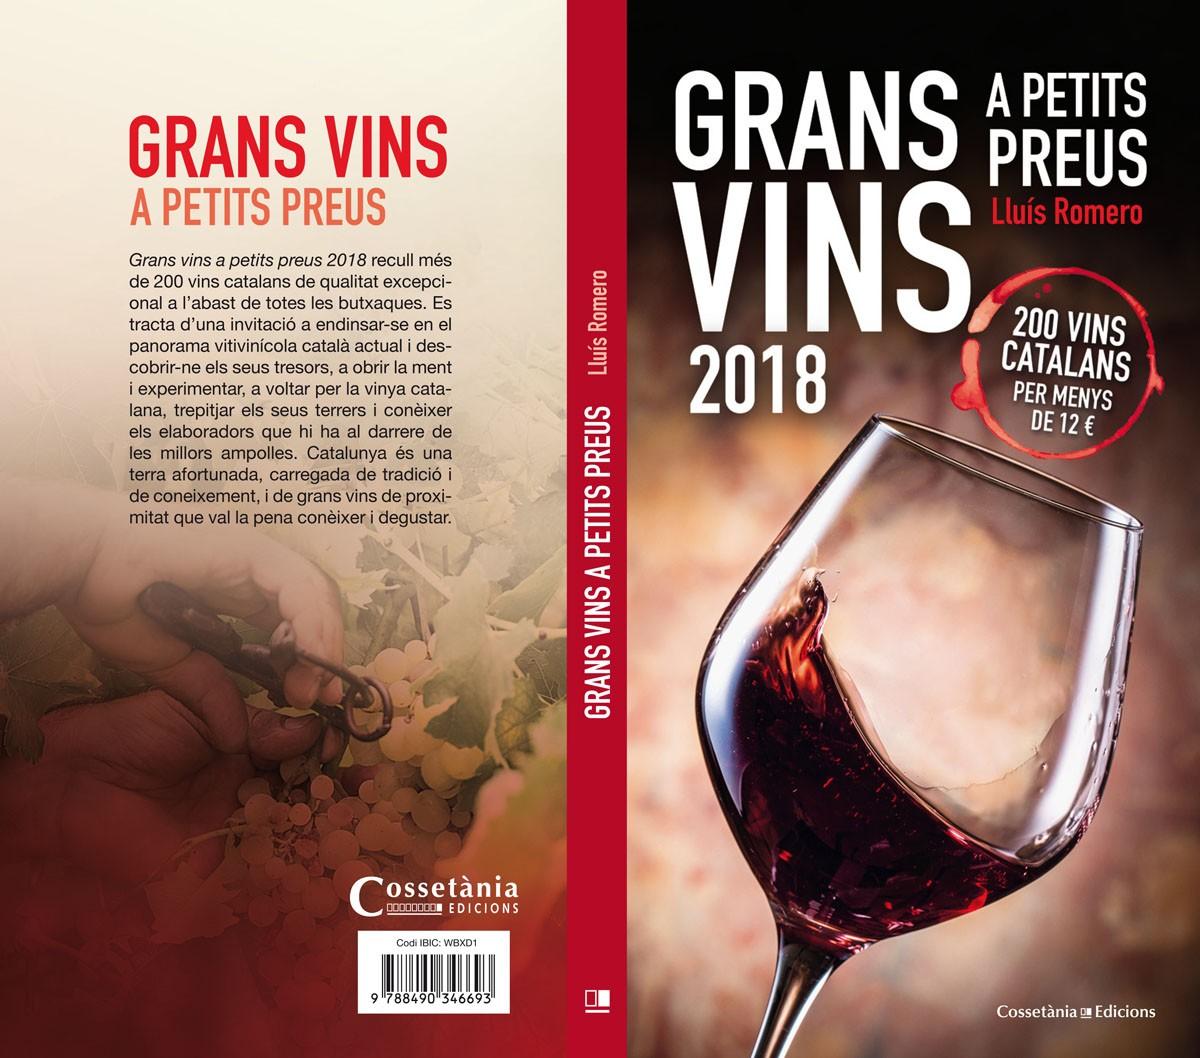 Coberta llibre grans vins catalans 2018 a preus assequibles.